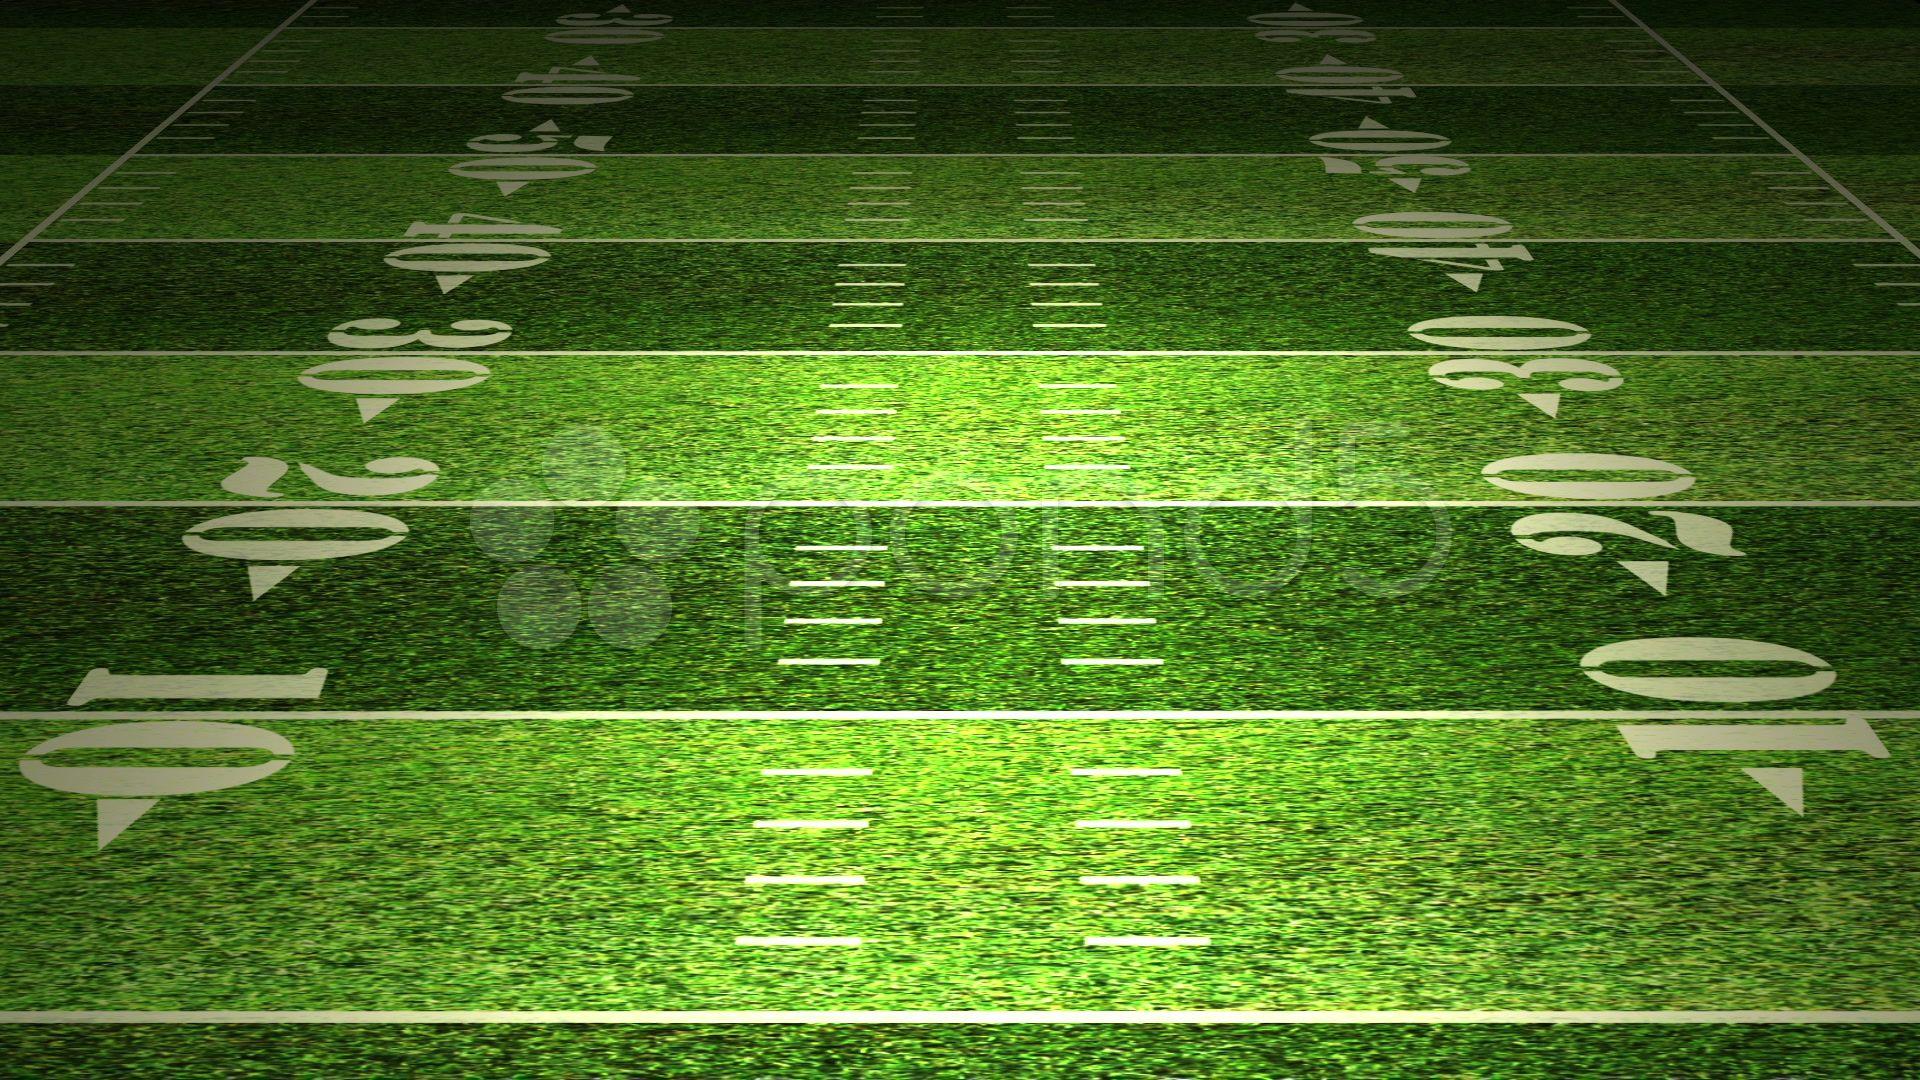 football field wallpapers hd on wallpaper 1080p hd field wallpaper football field football program football field wallpapers hd on